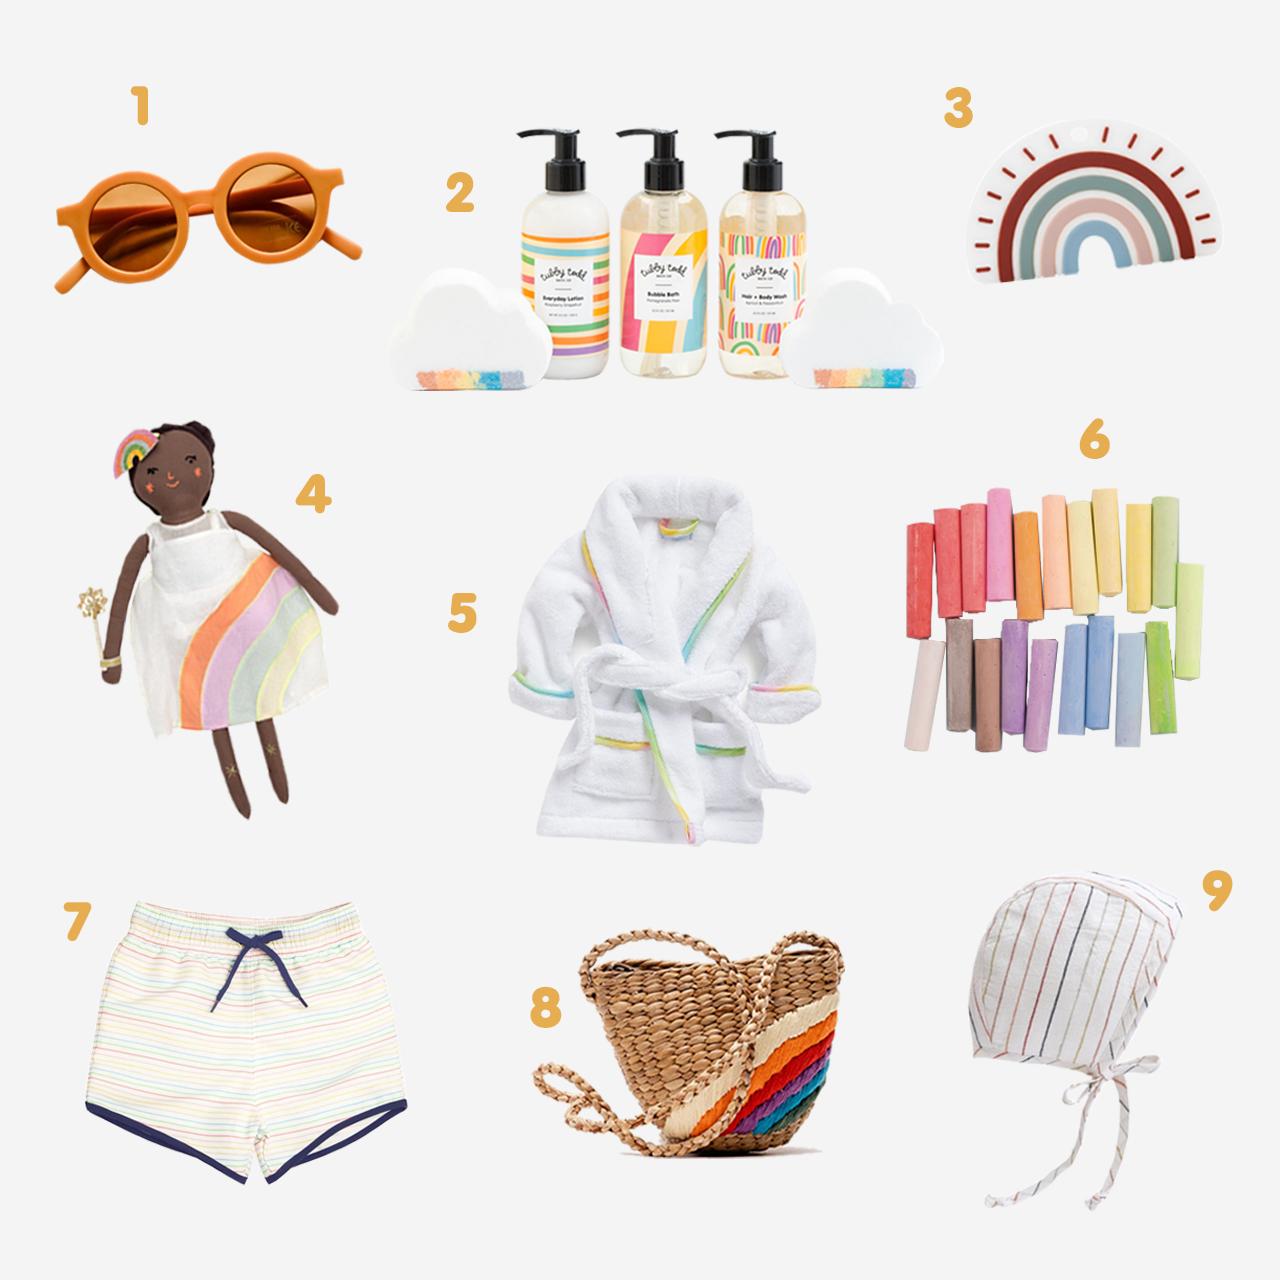 9 Favorite Easter Basket Goodies